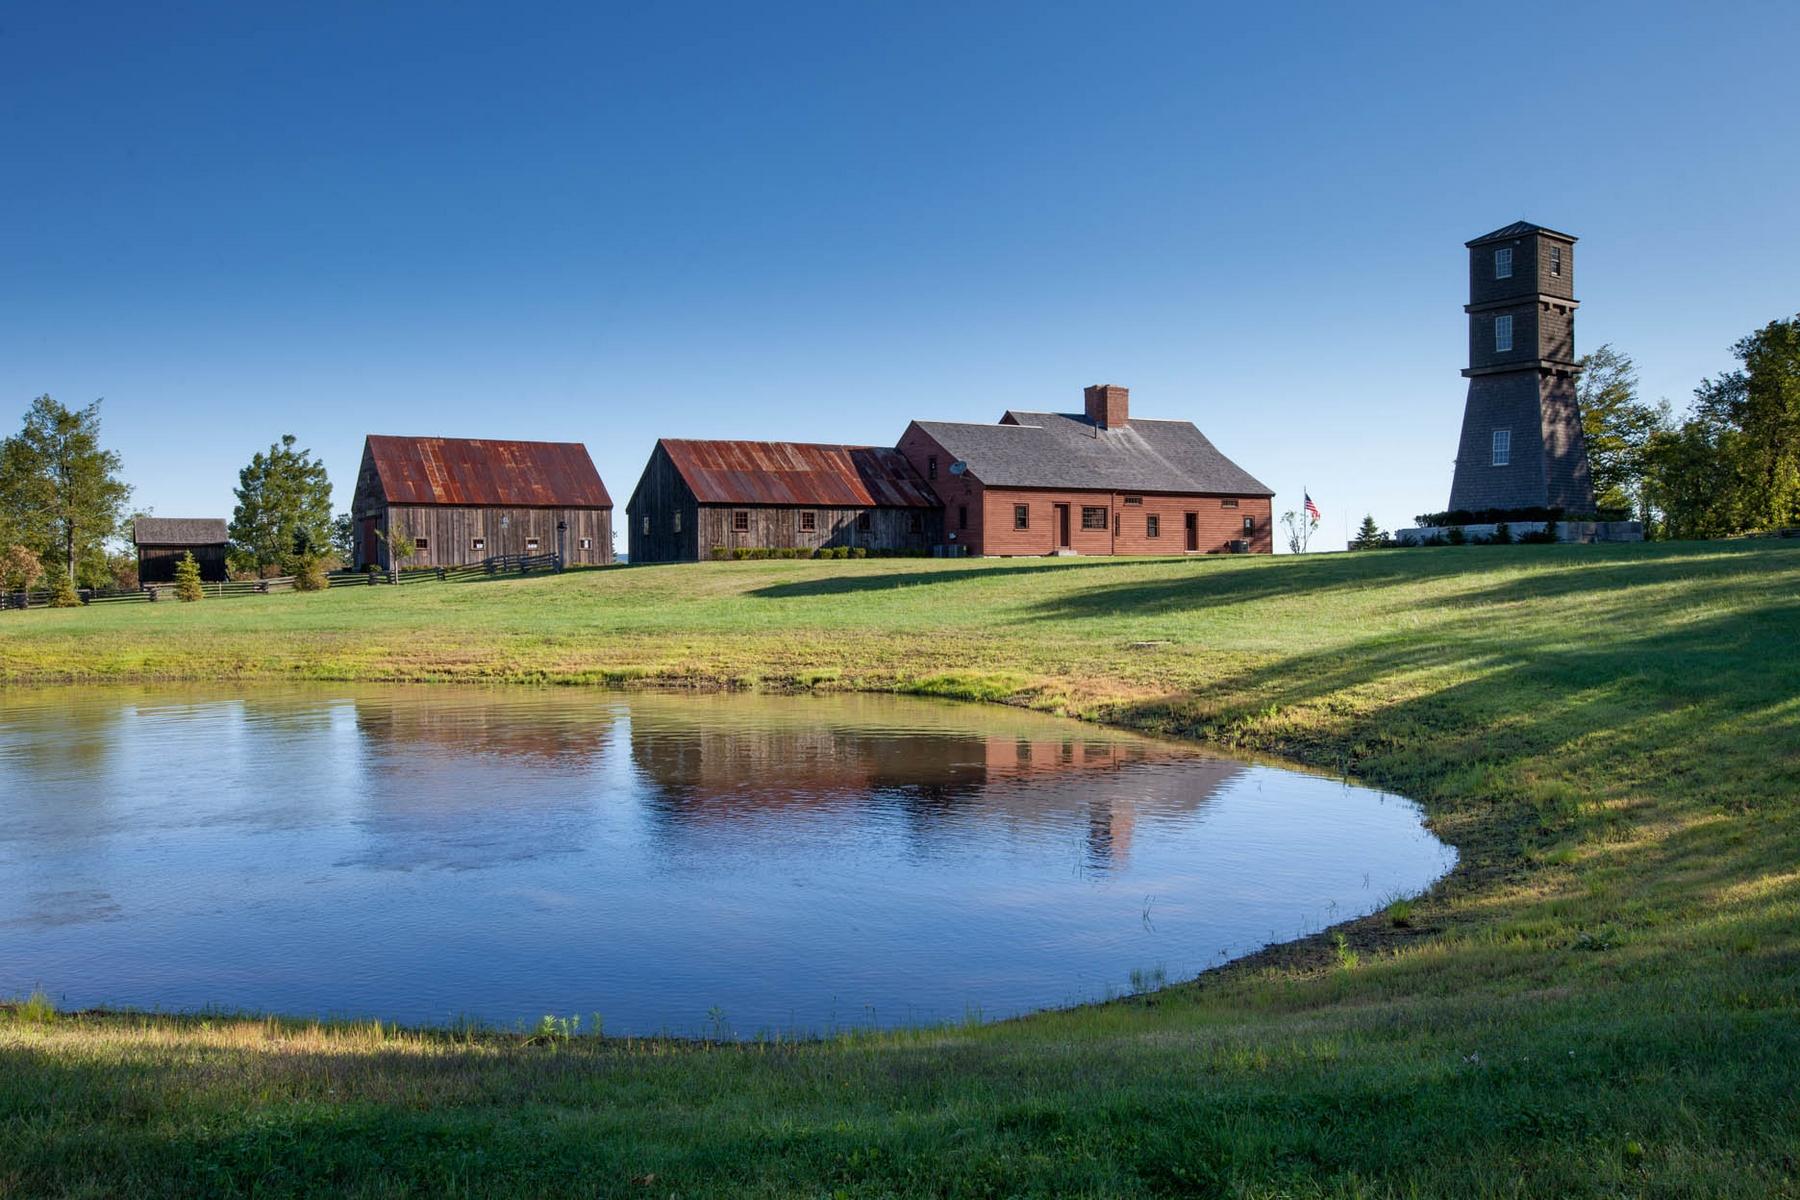 Частный односемейный дом для того Продажа на 1246 Province Road, Gilmanton 1246 Province Rd Gilmanton, Нью-Гэмпшир 03237 Соединенные Штаты